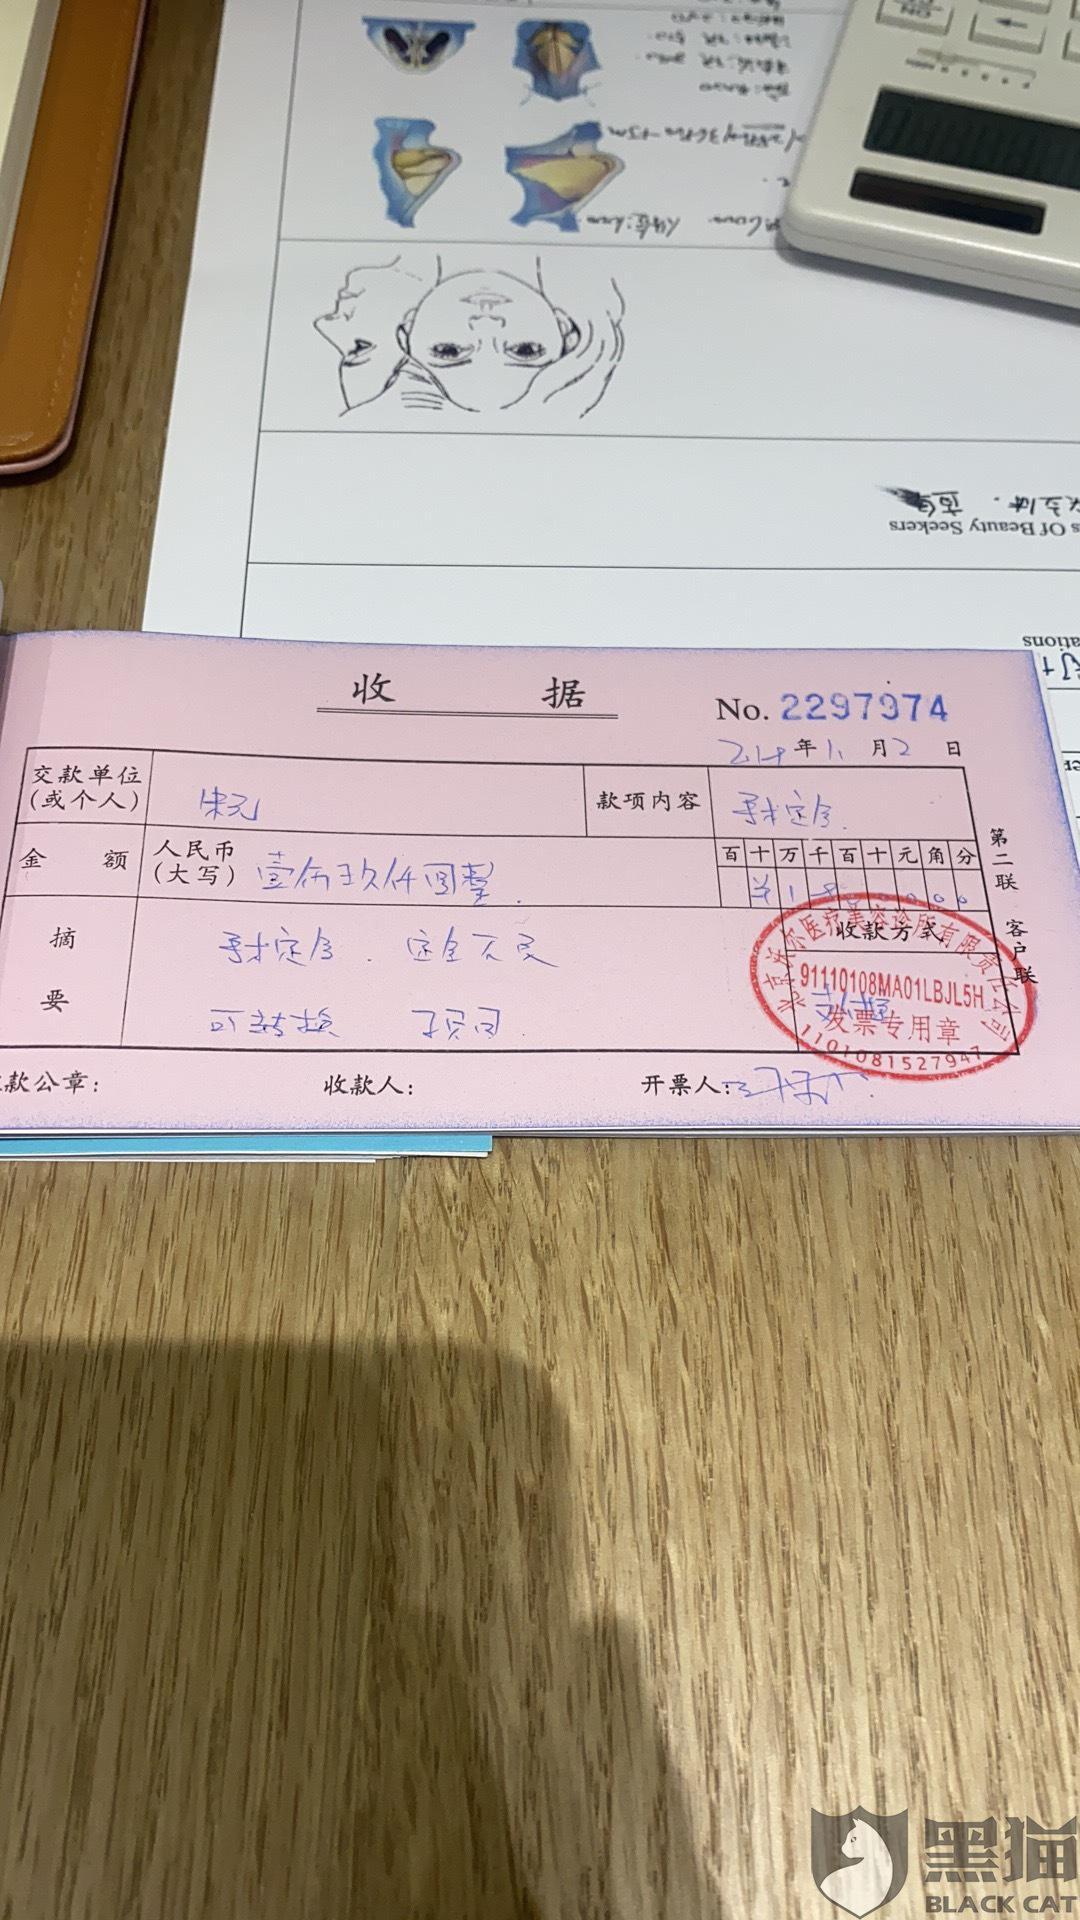 黑猫投诉:被北京沃尔医疗美容欺骗  要求退2万订金